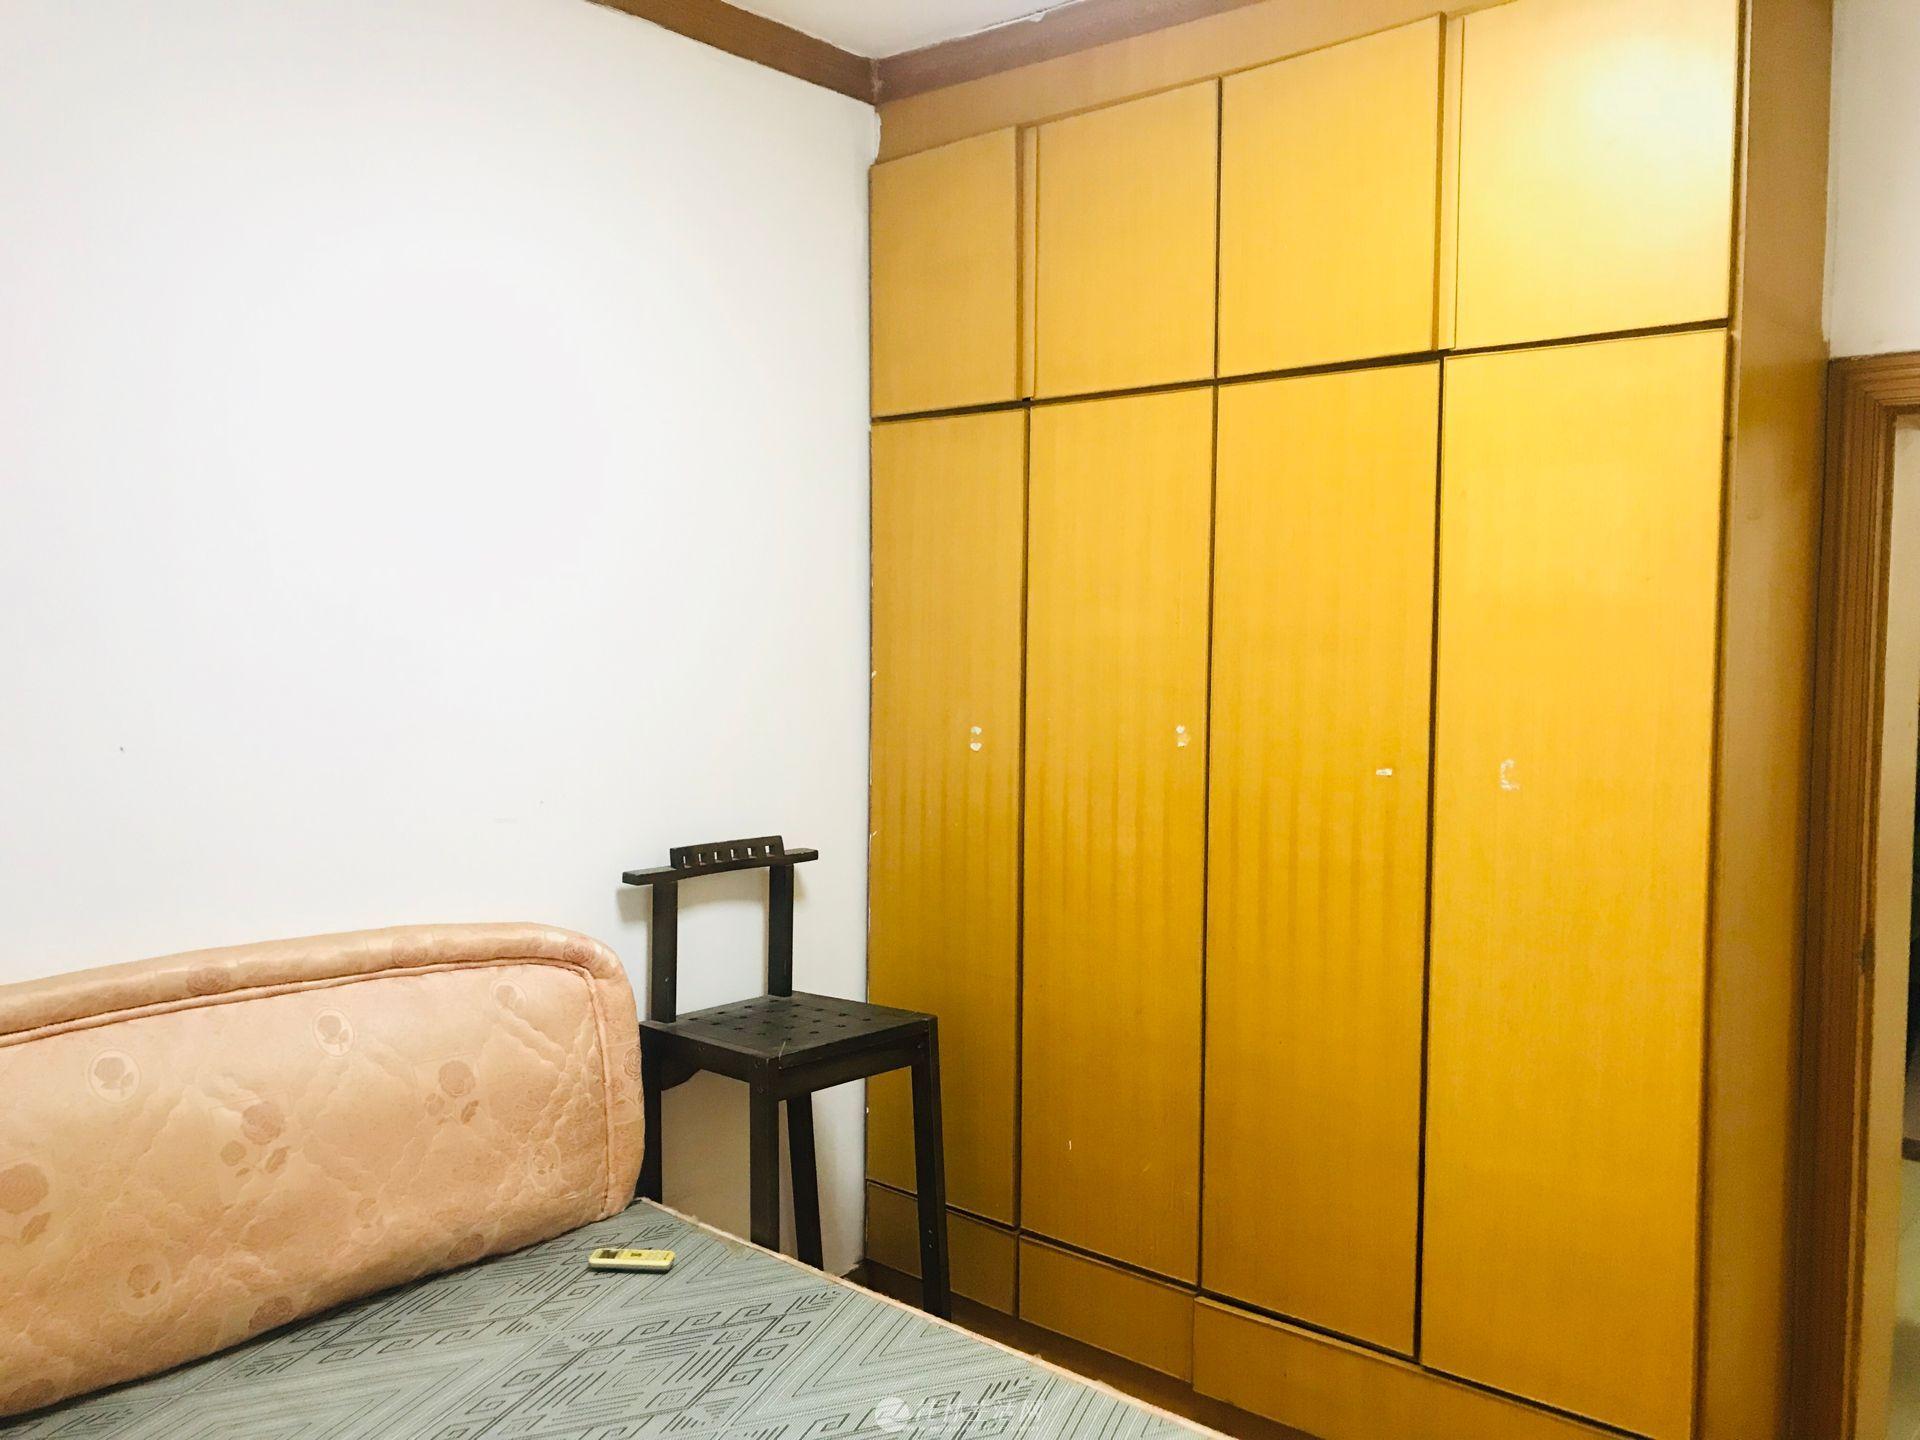 七星区 鸾西一区 简装2房 黄金楼层 68平 性价比高 有天燃气